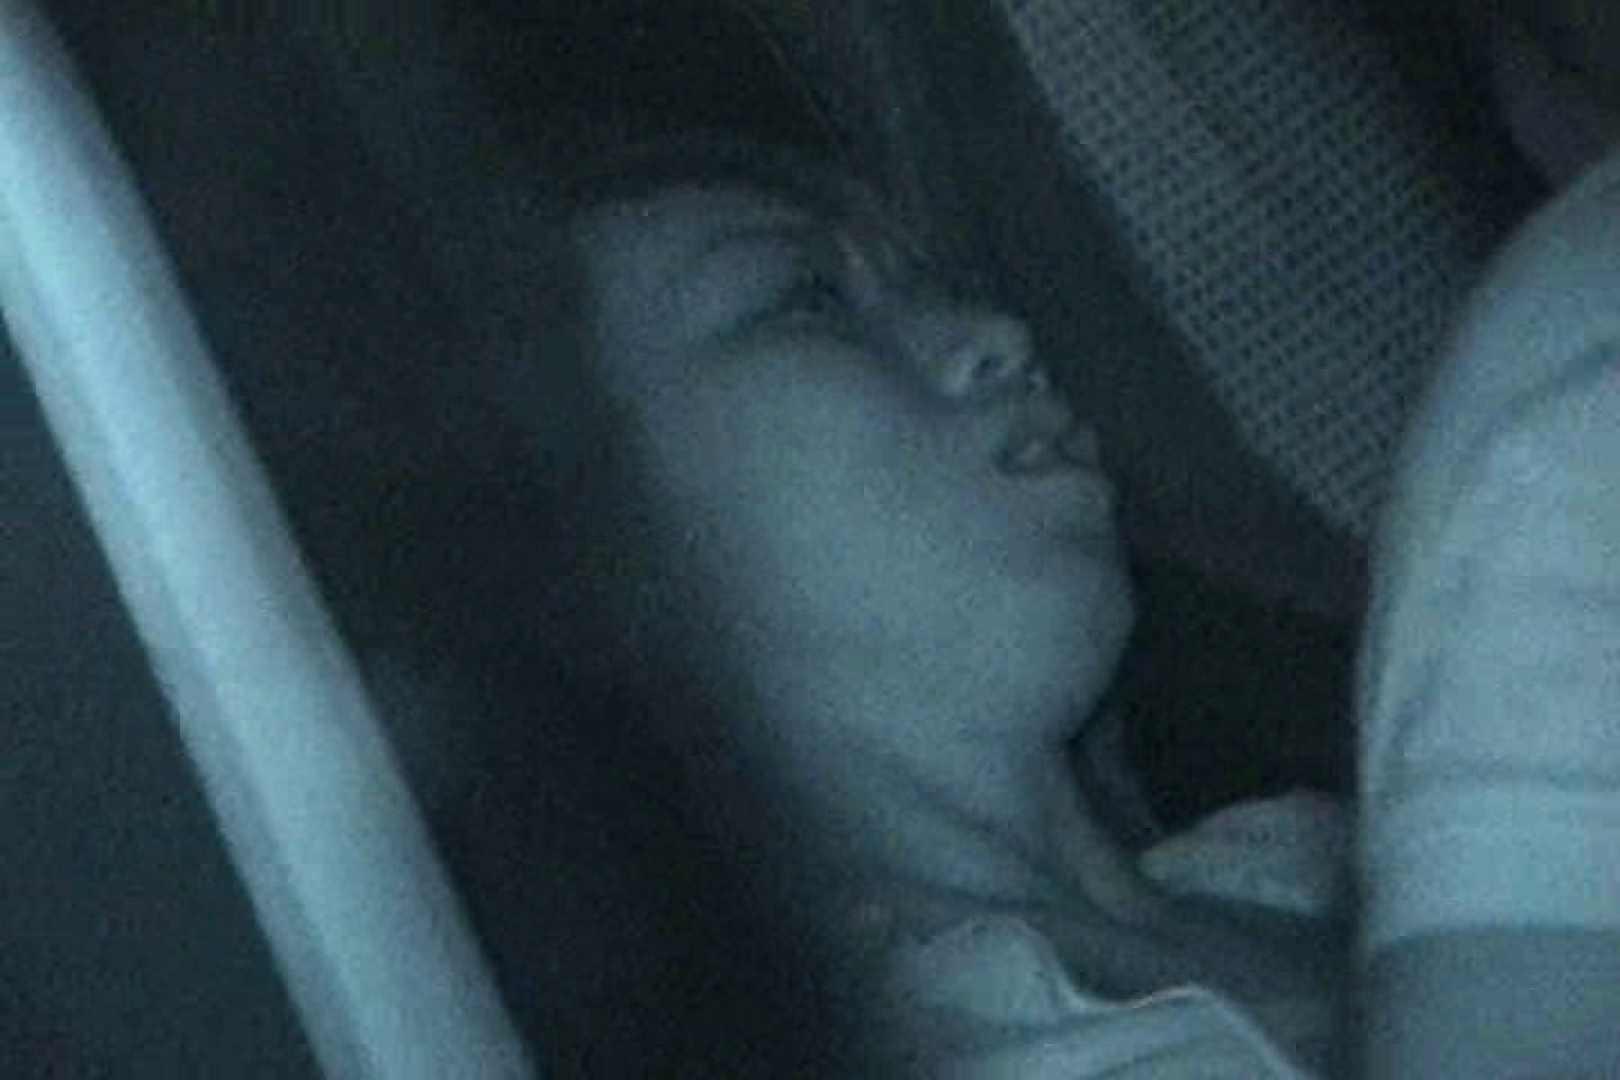 充血監督の深夜の運動会Vol.20 エッチなセックス アダルト動画キャプチャ 78画像 74